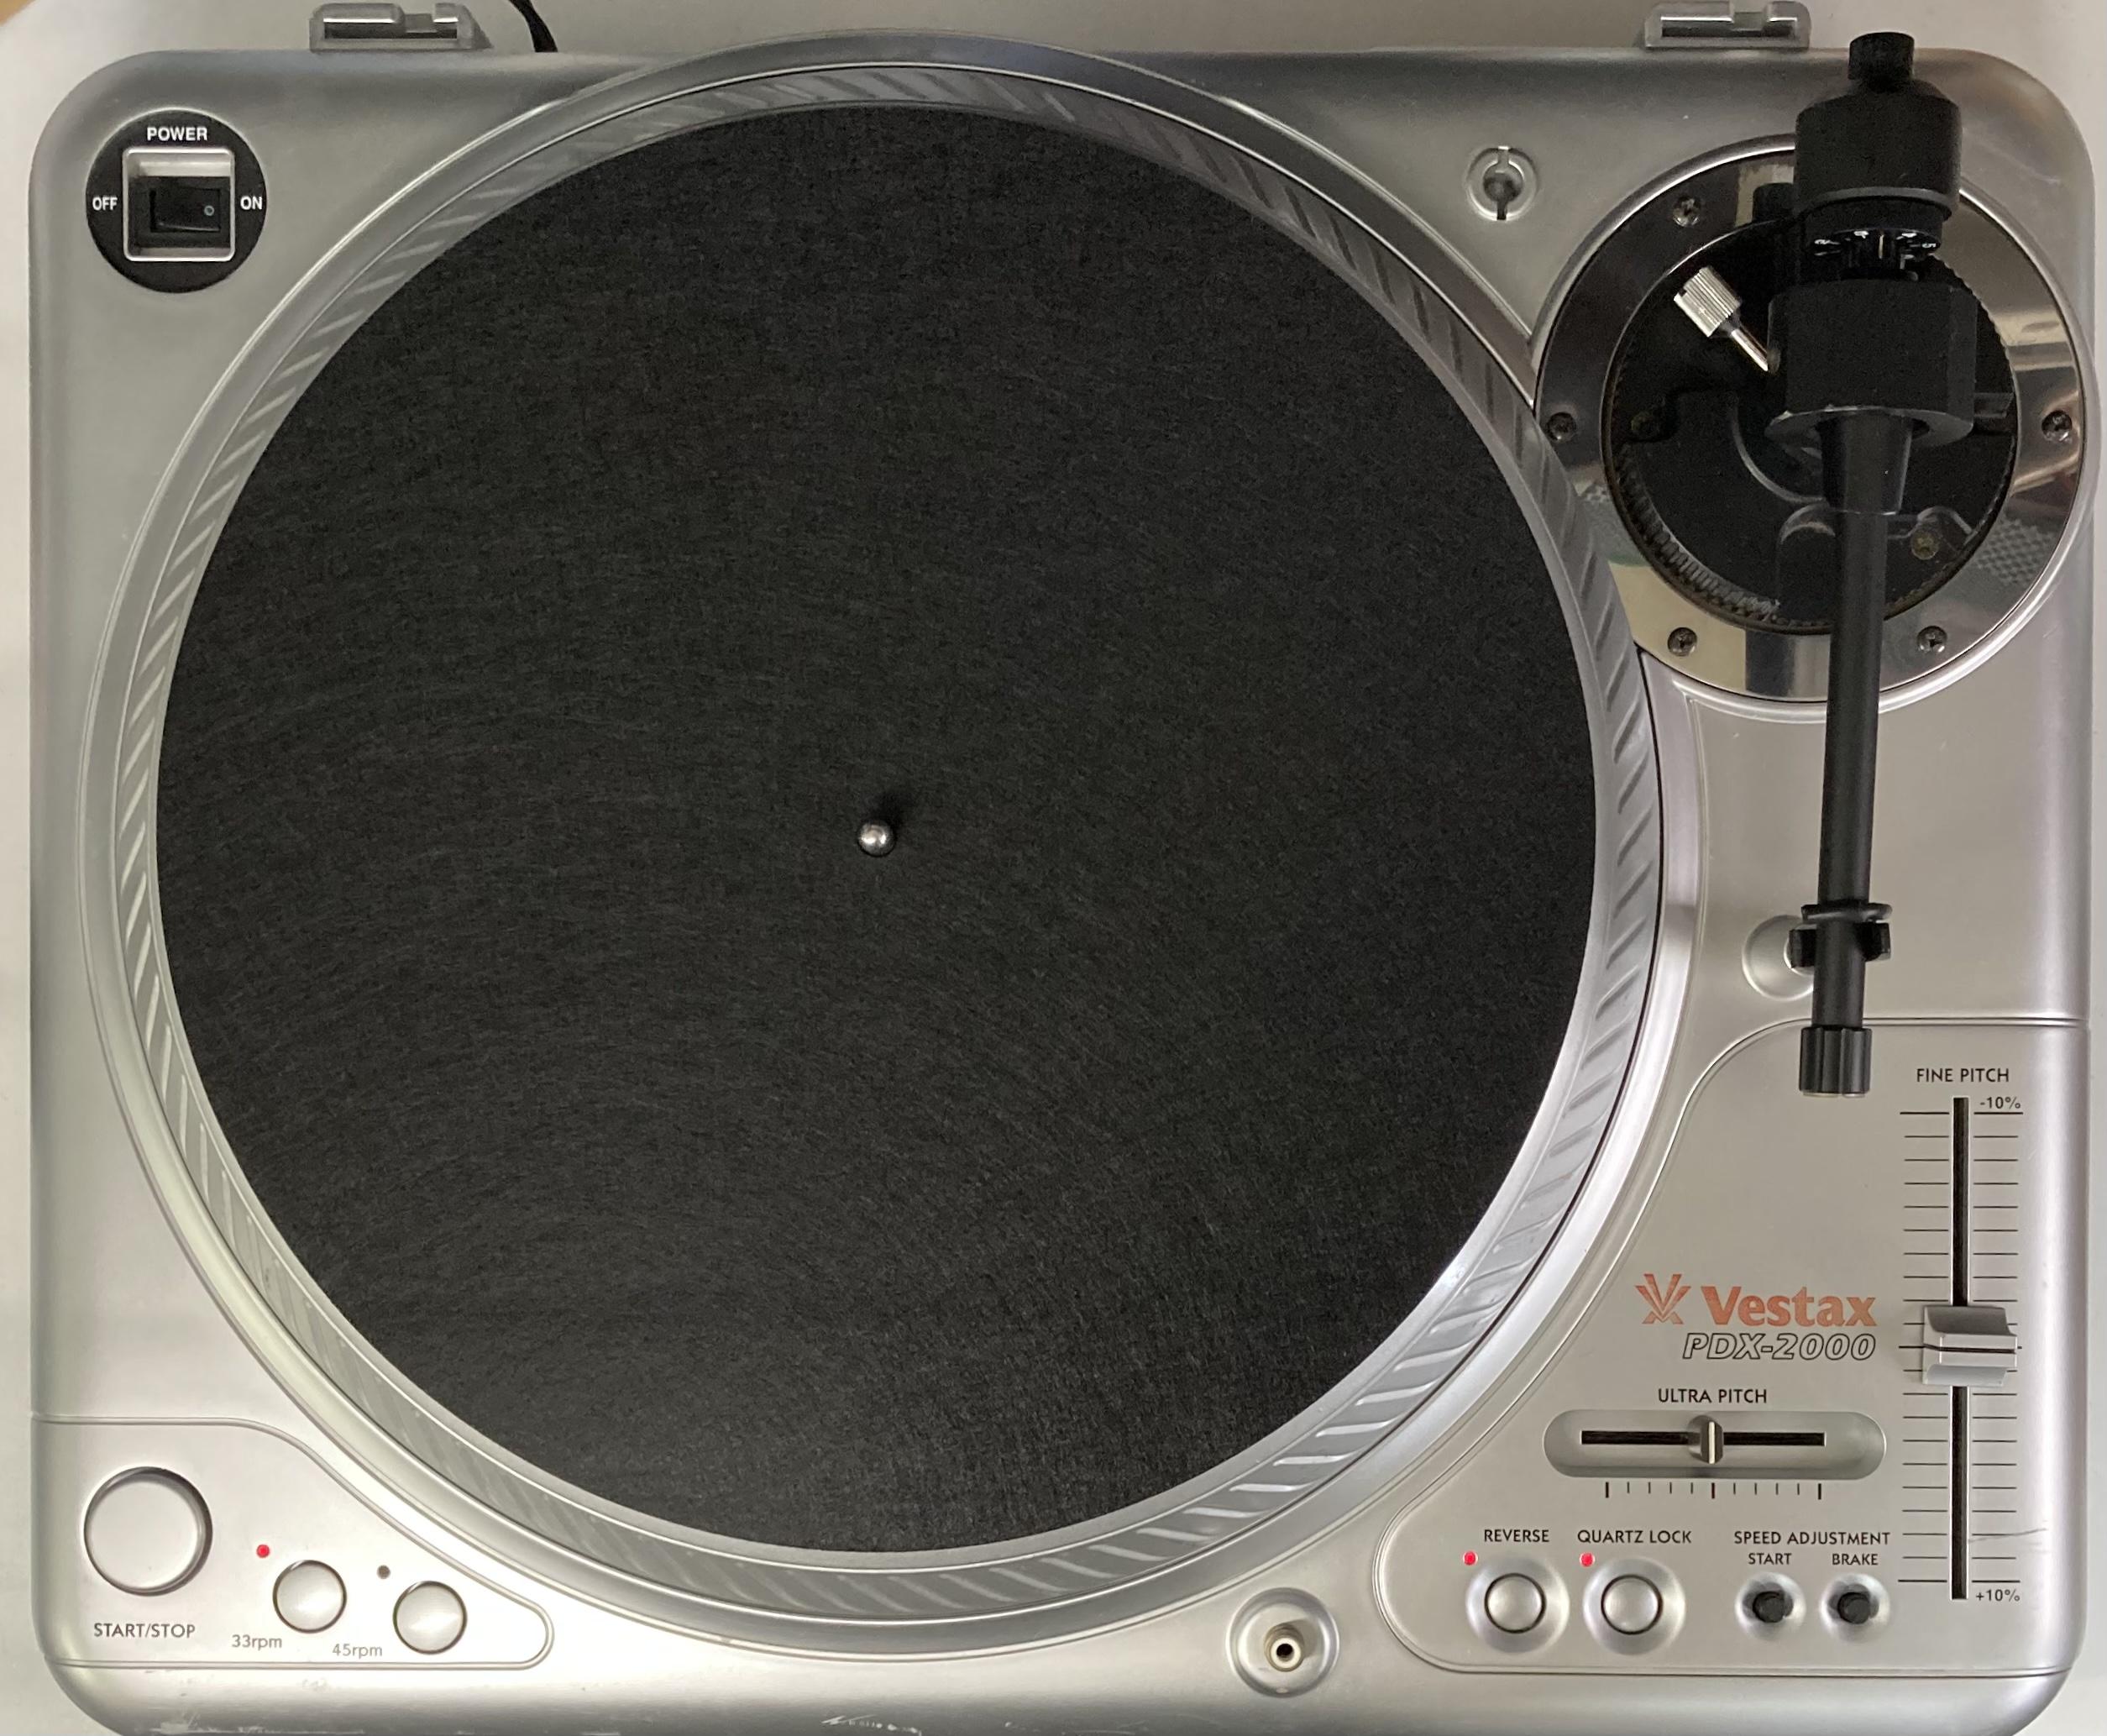 [安心のメンテナンス/カスタム済USED] Vestax PDX-2000 シルバー(インシュレーター改善品) 【6ヶ月保証付き】 TT-0104